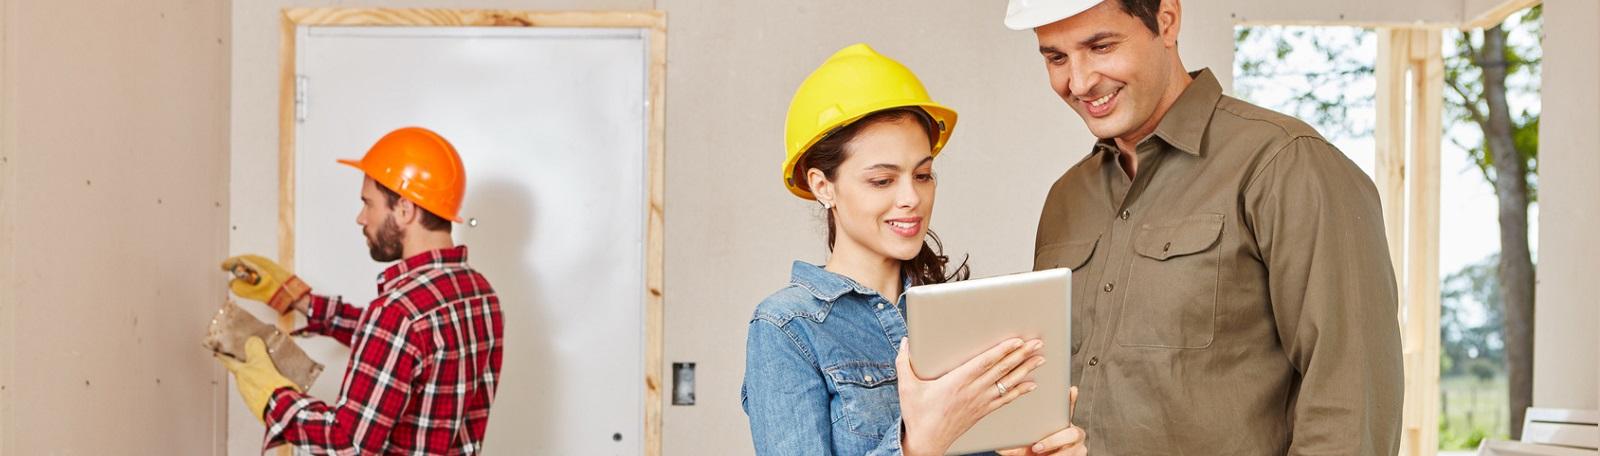 Personenschäden an Baustellen – sichern Sie Ihre Bauhelfer ab!